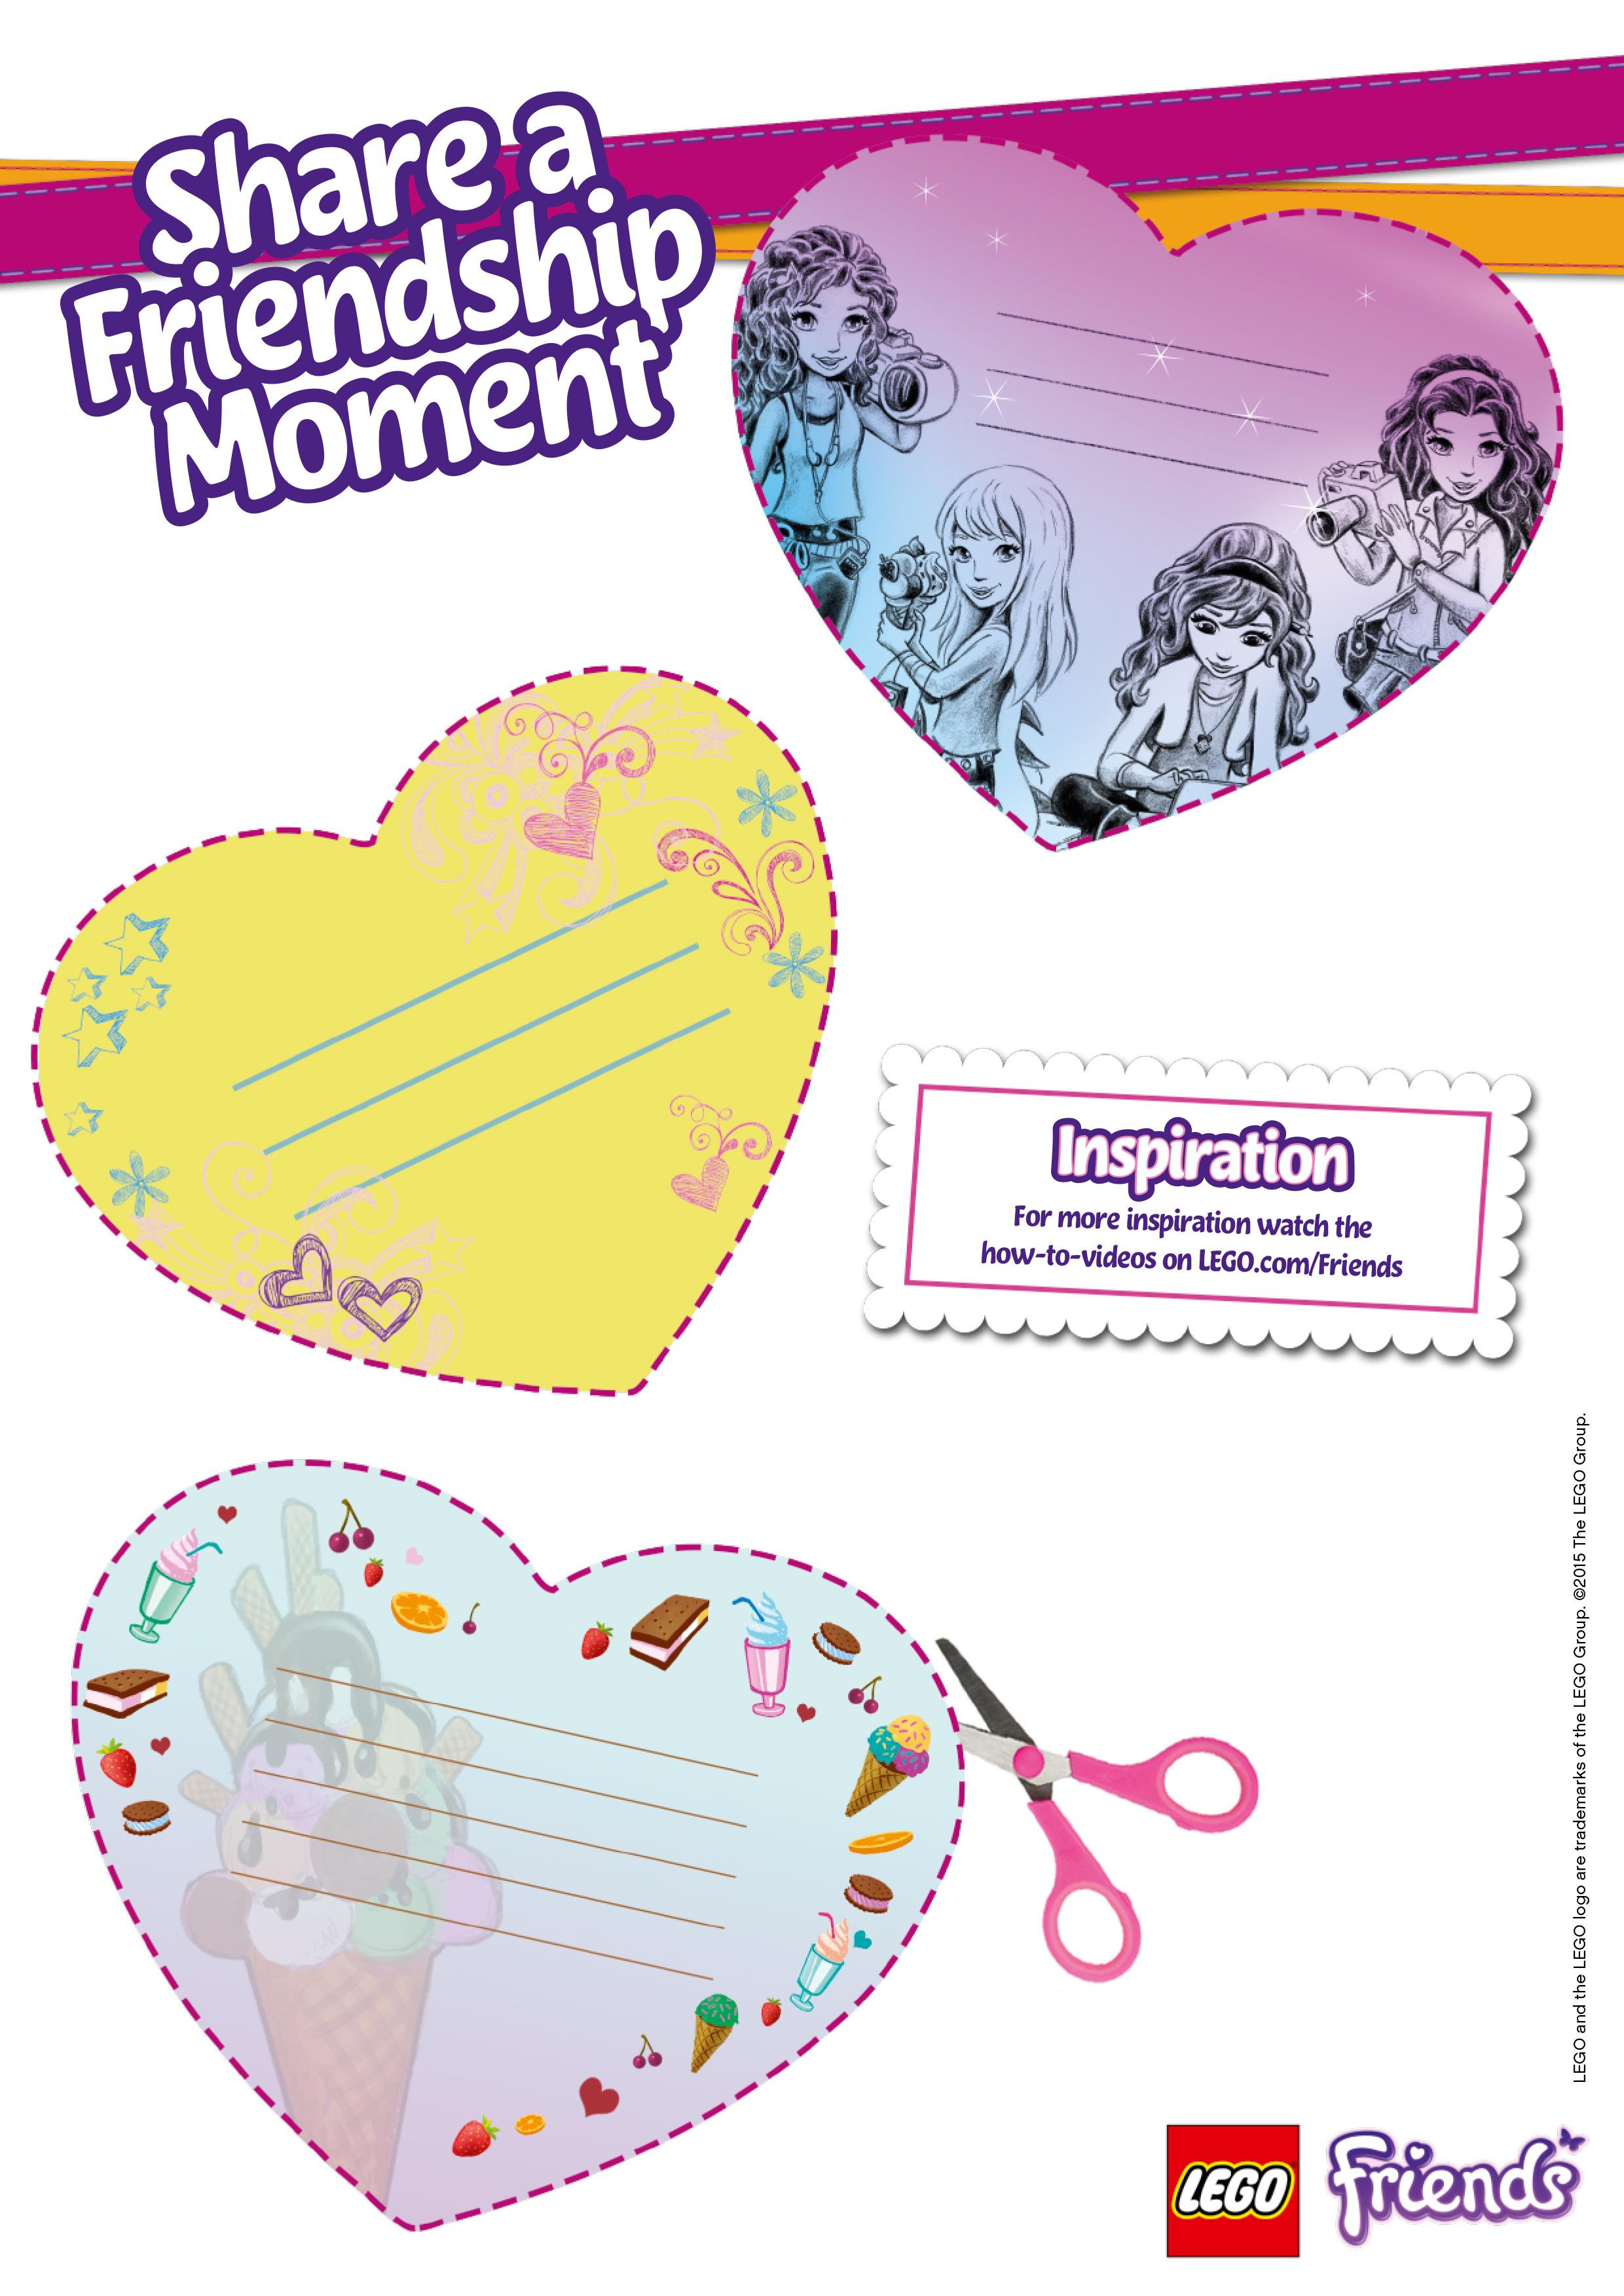 Картинки лего френдс для девочек - b61